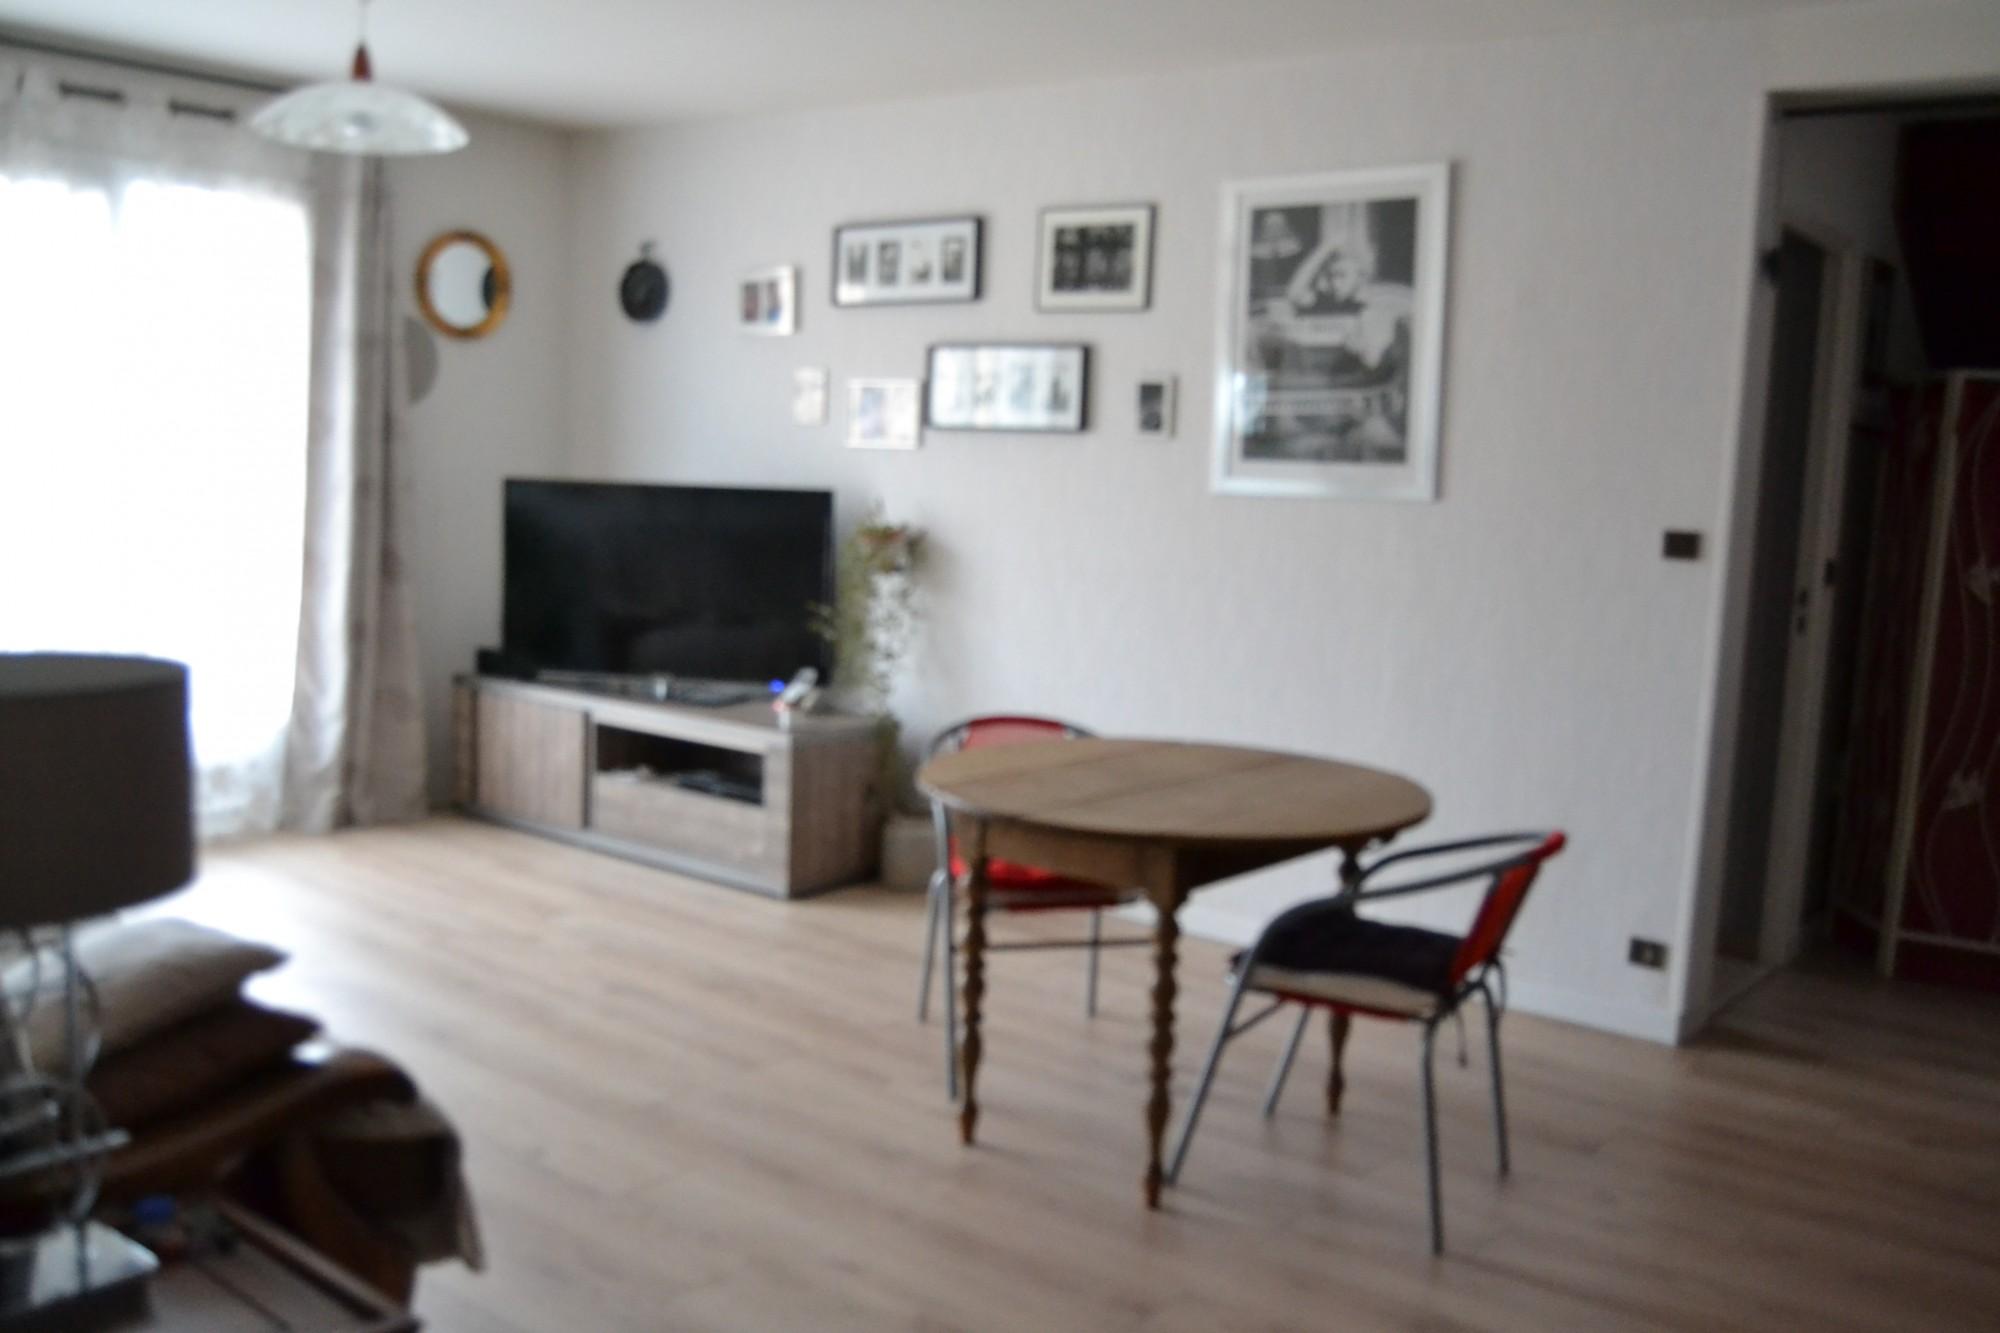 ventes duplex t4 f4 le havre achat et location maison campagne normandie montivilliers arthur immo. Black Bedroom Furniture Sets. Home Design Ideas